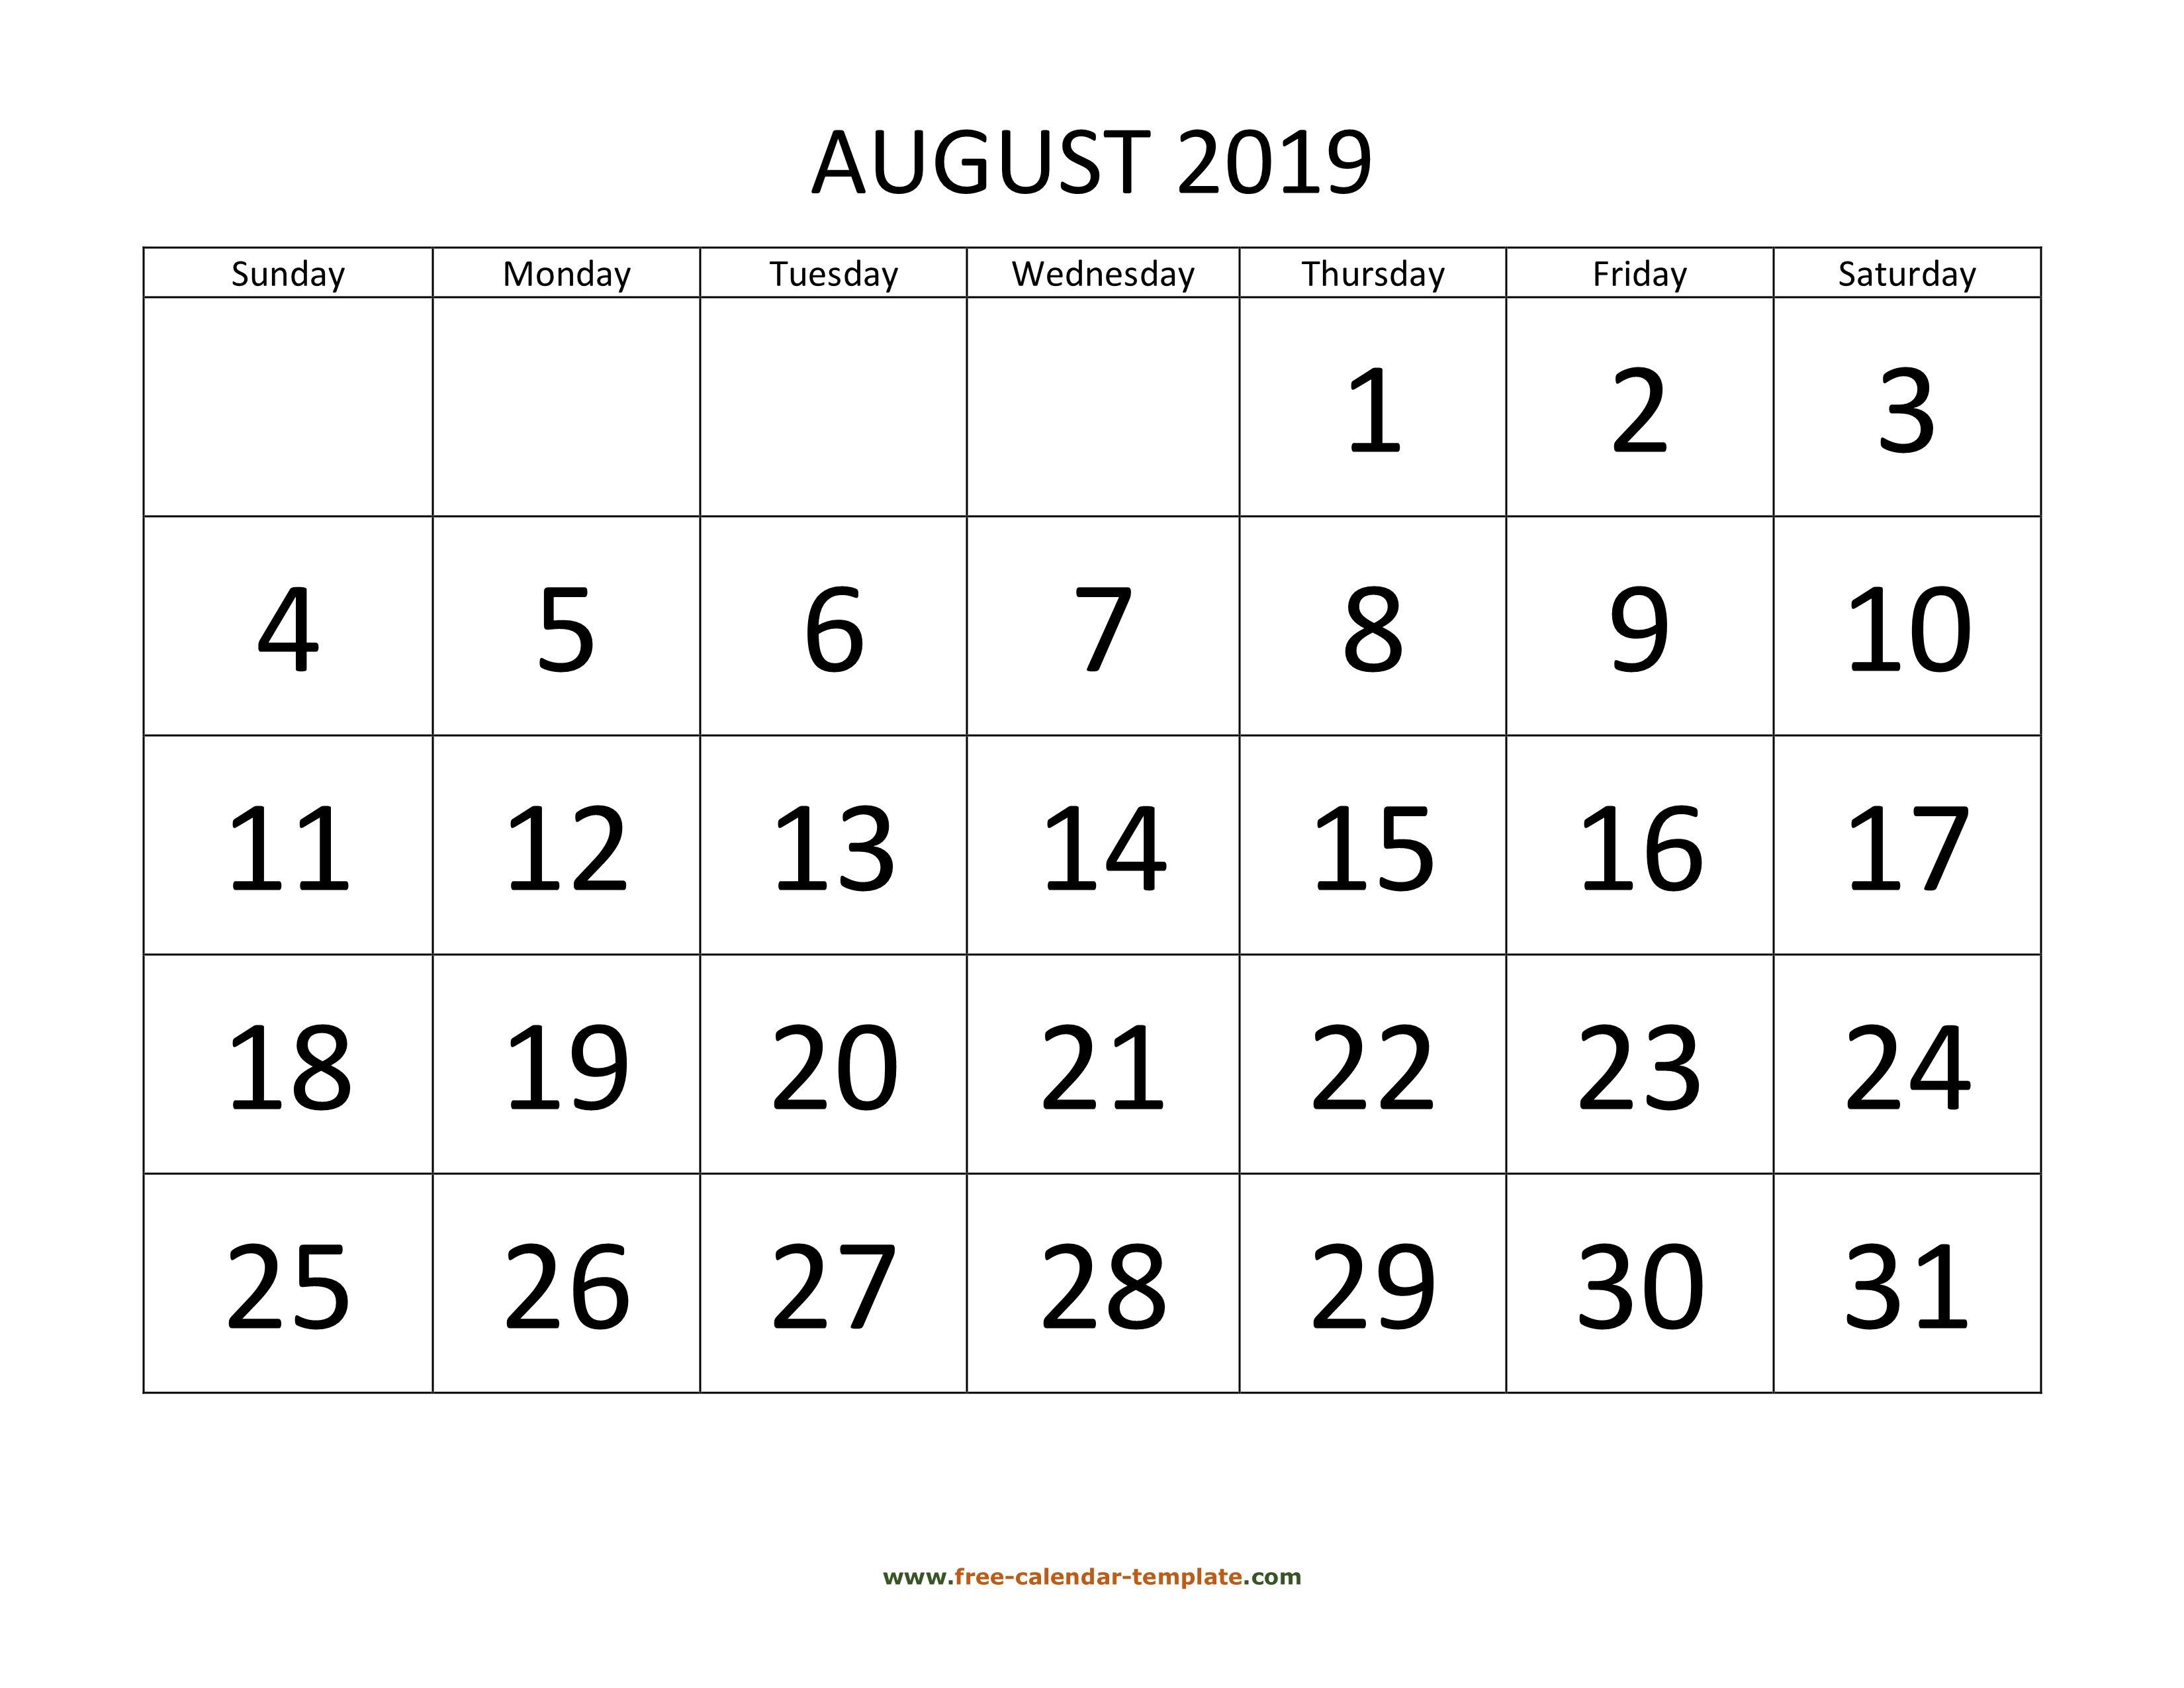 August 2019 Free Calendar Tempplate   Free Calendar Template August 1 2019 Calendar